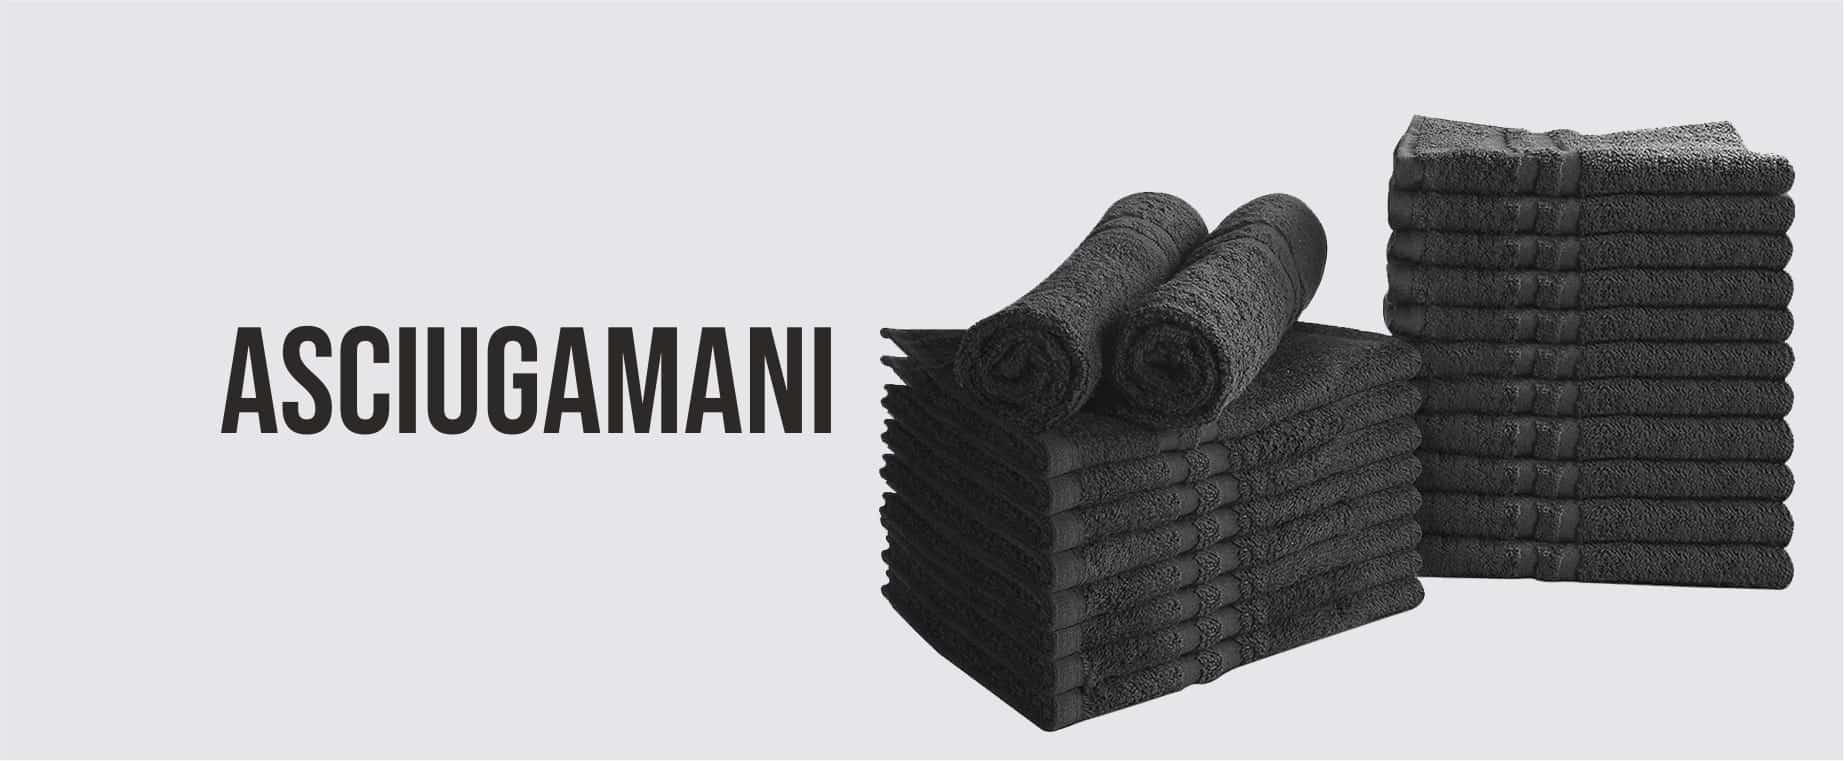 Asciugamani per parruchieri